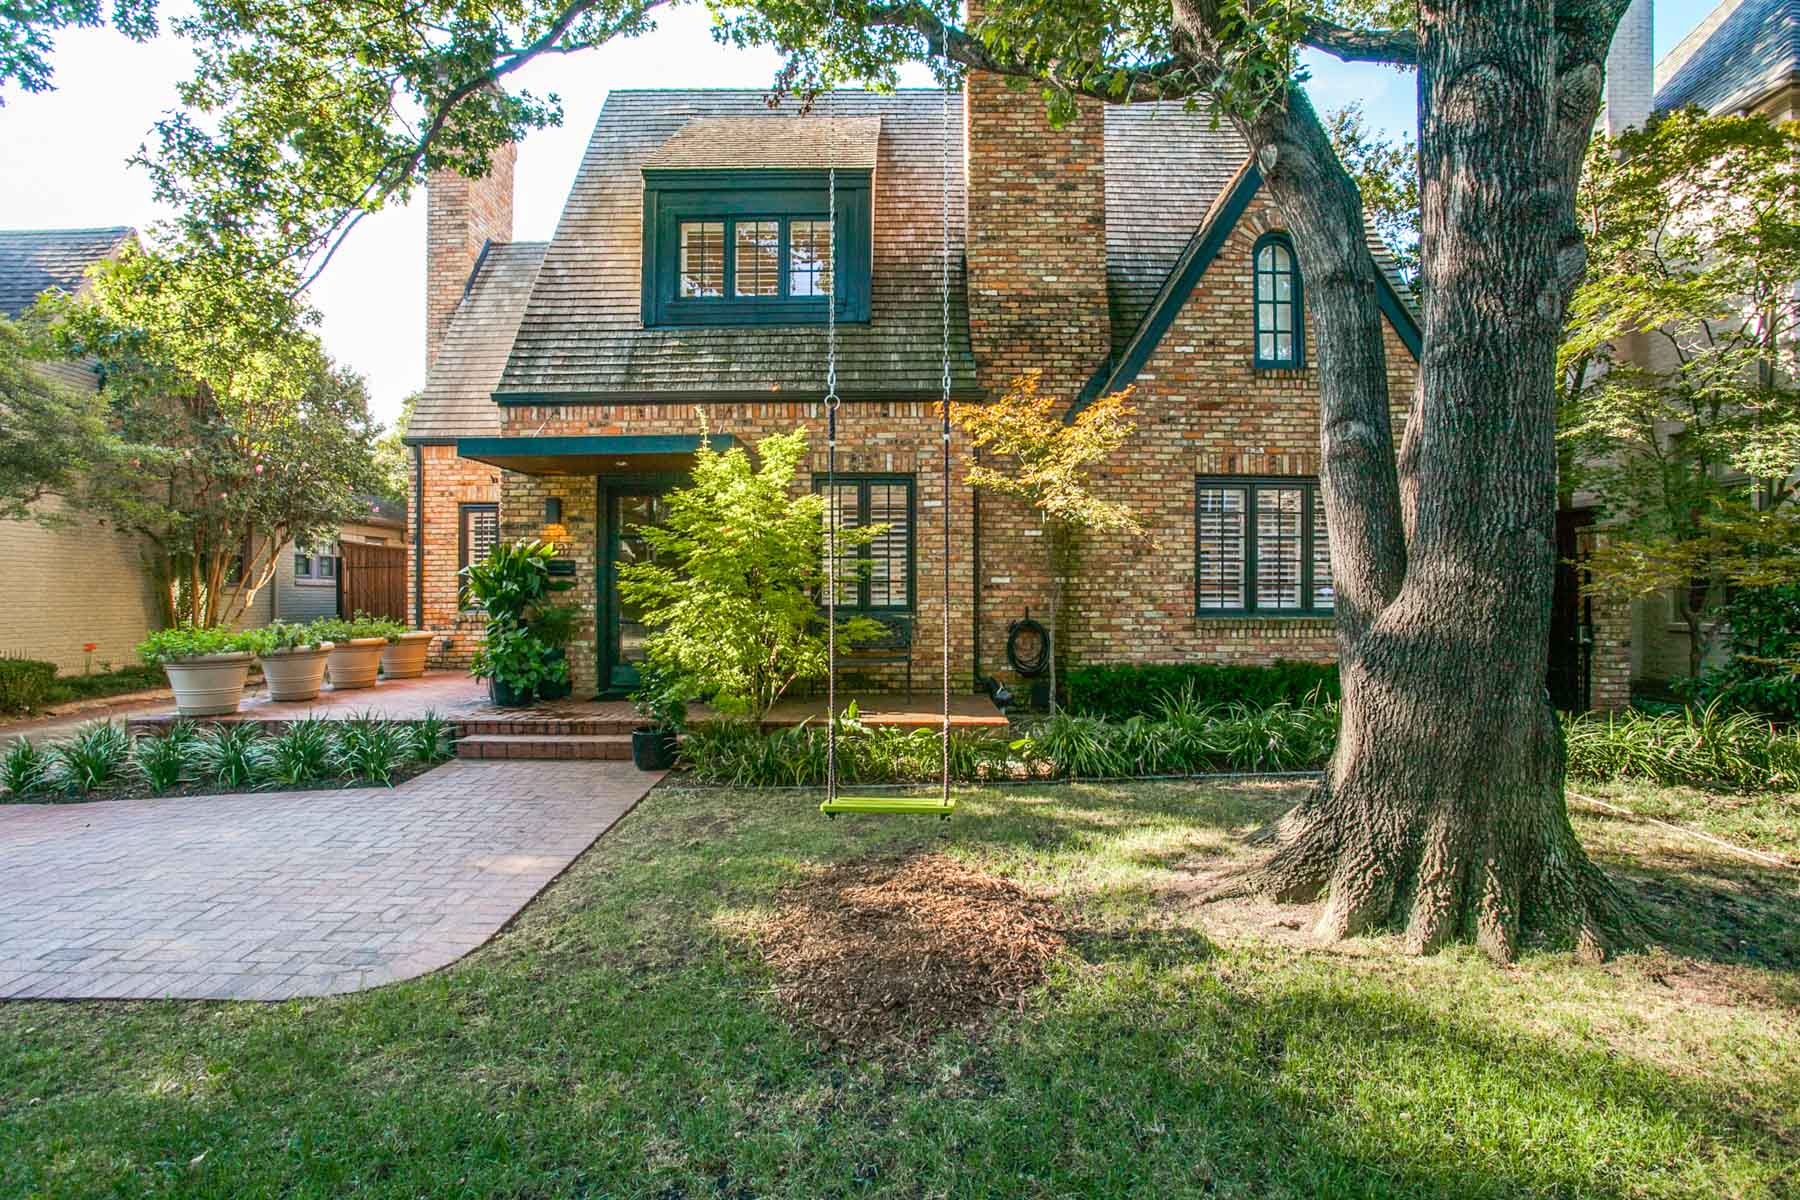 一戸建て のために 売買 アット 4437 Livingston Avenue, Highland Park Highland Park, テキサス, 75205 アメリカ合衆国